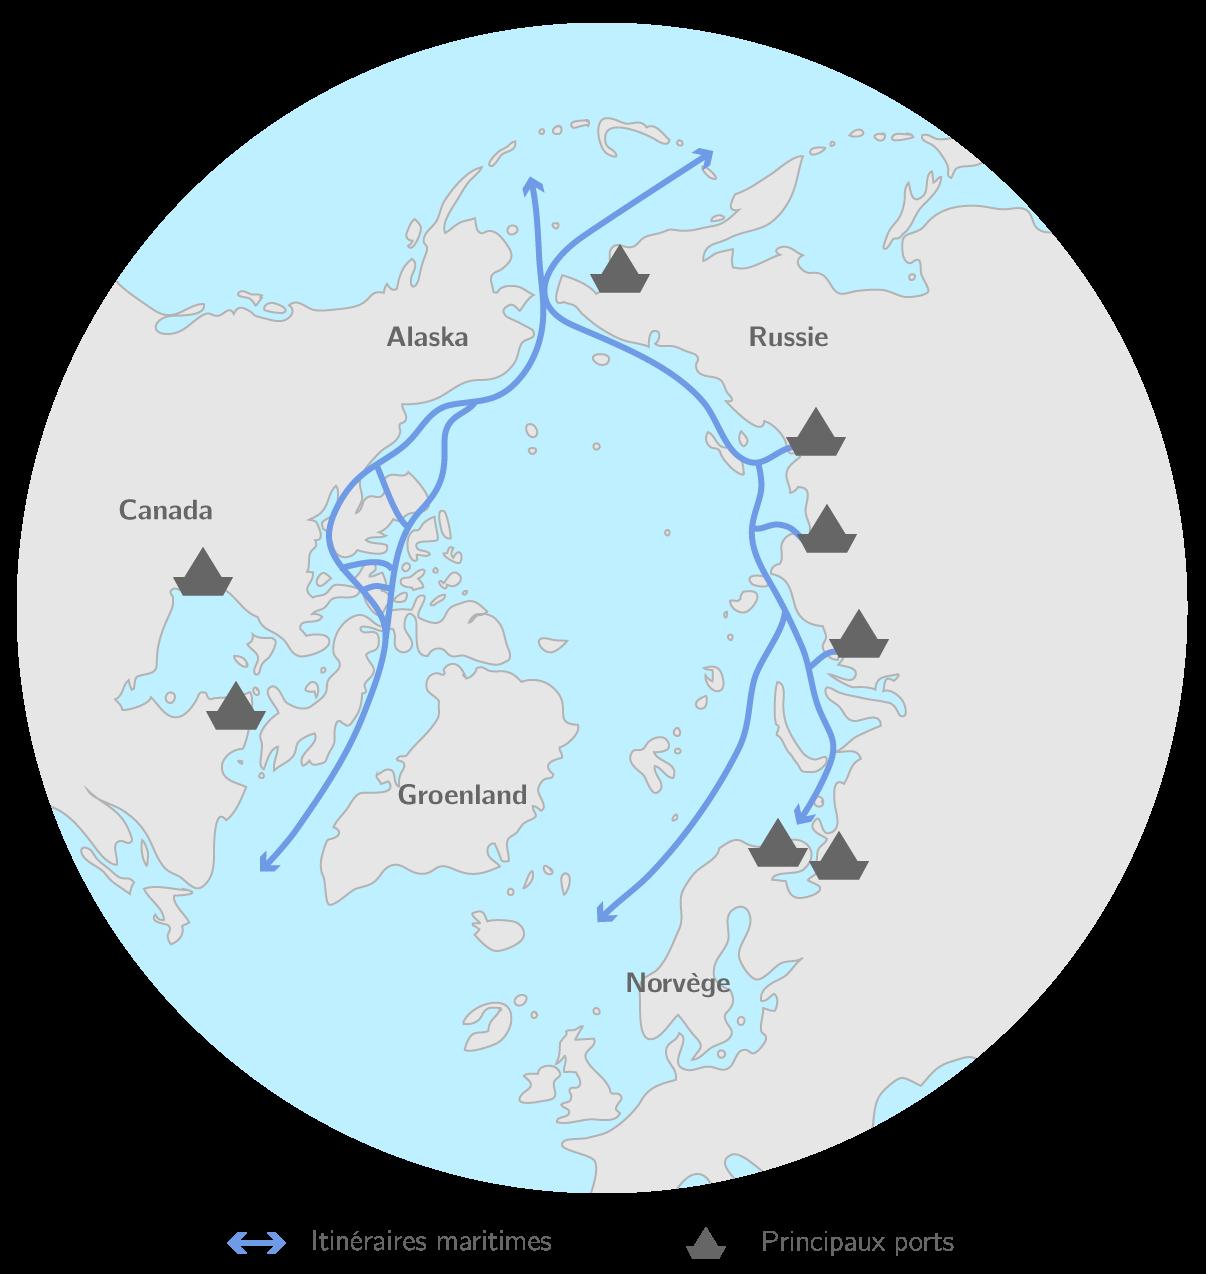 Les nouvelles routes maritimes en Arctique